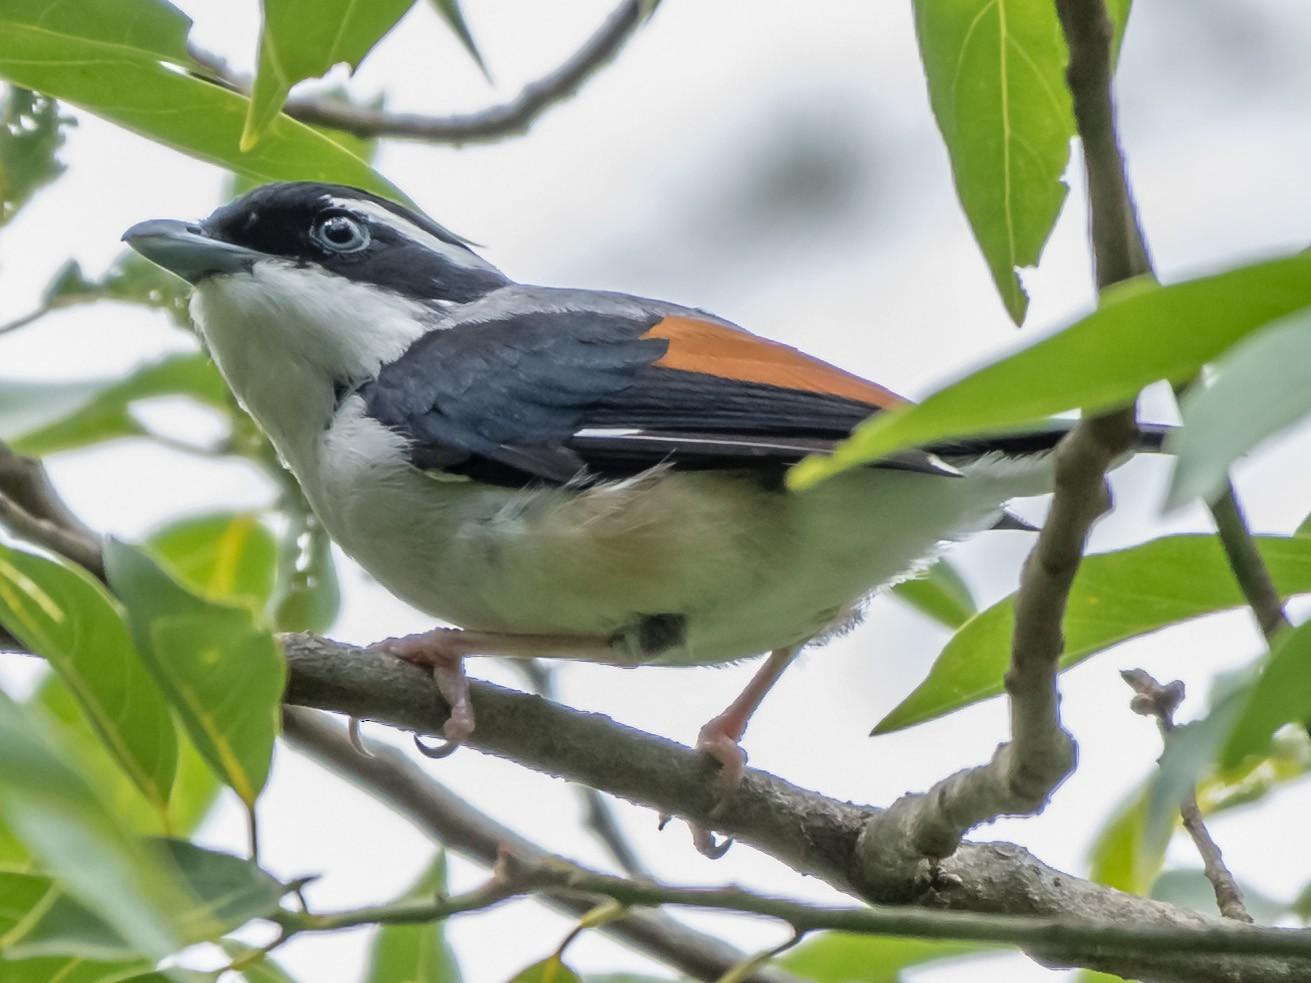 Himalayan Shrike-Babbler - Balaji P B